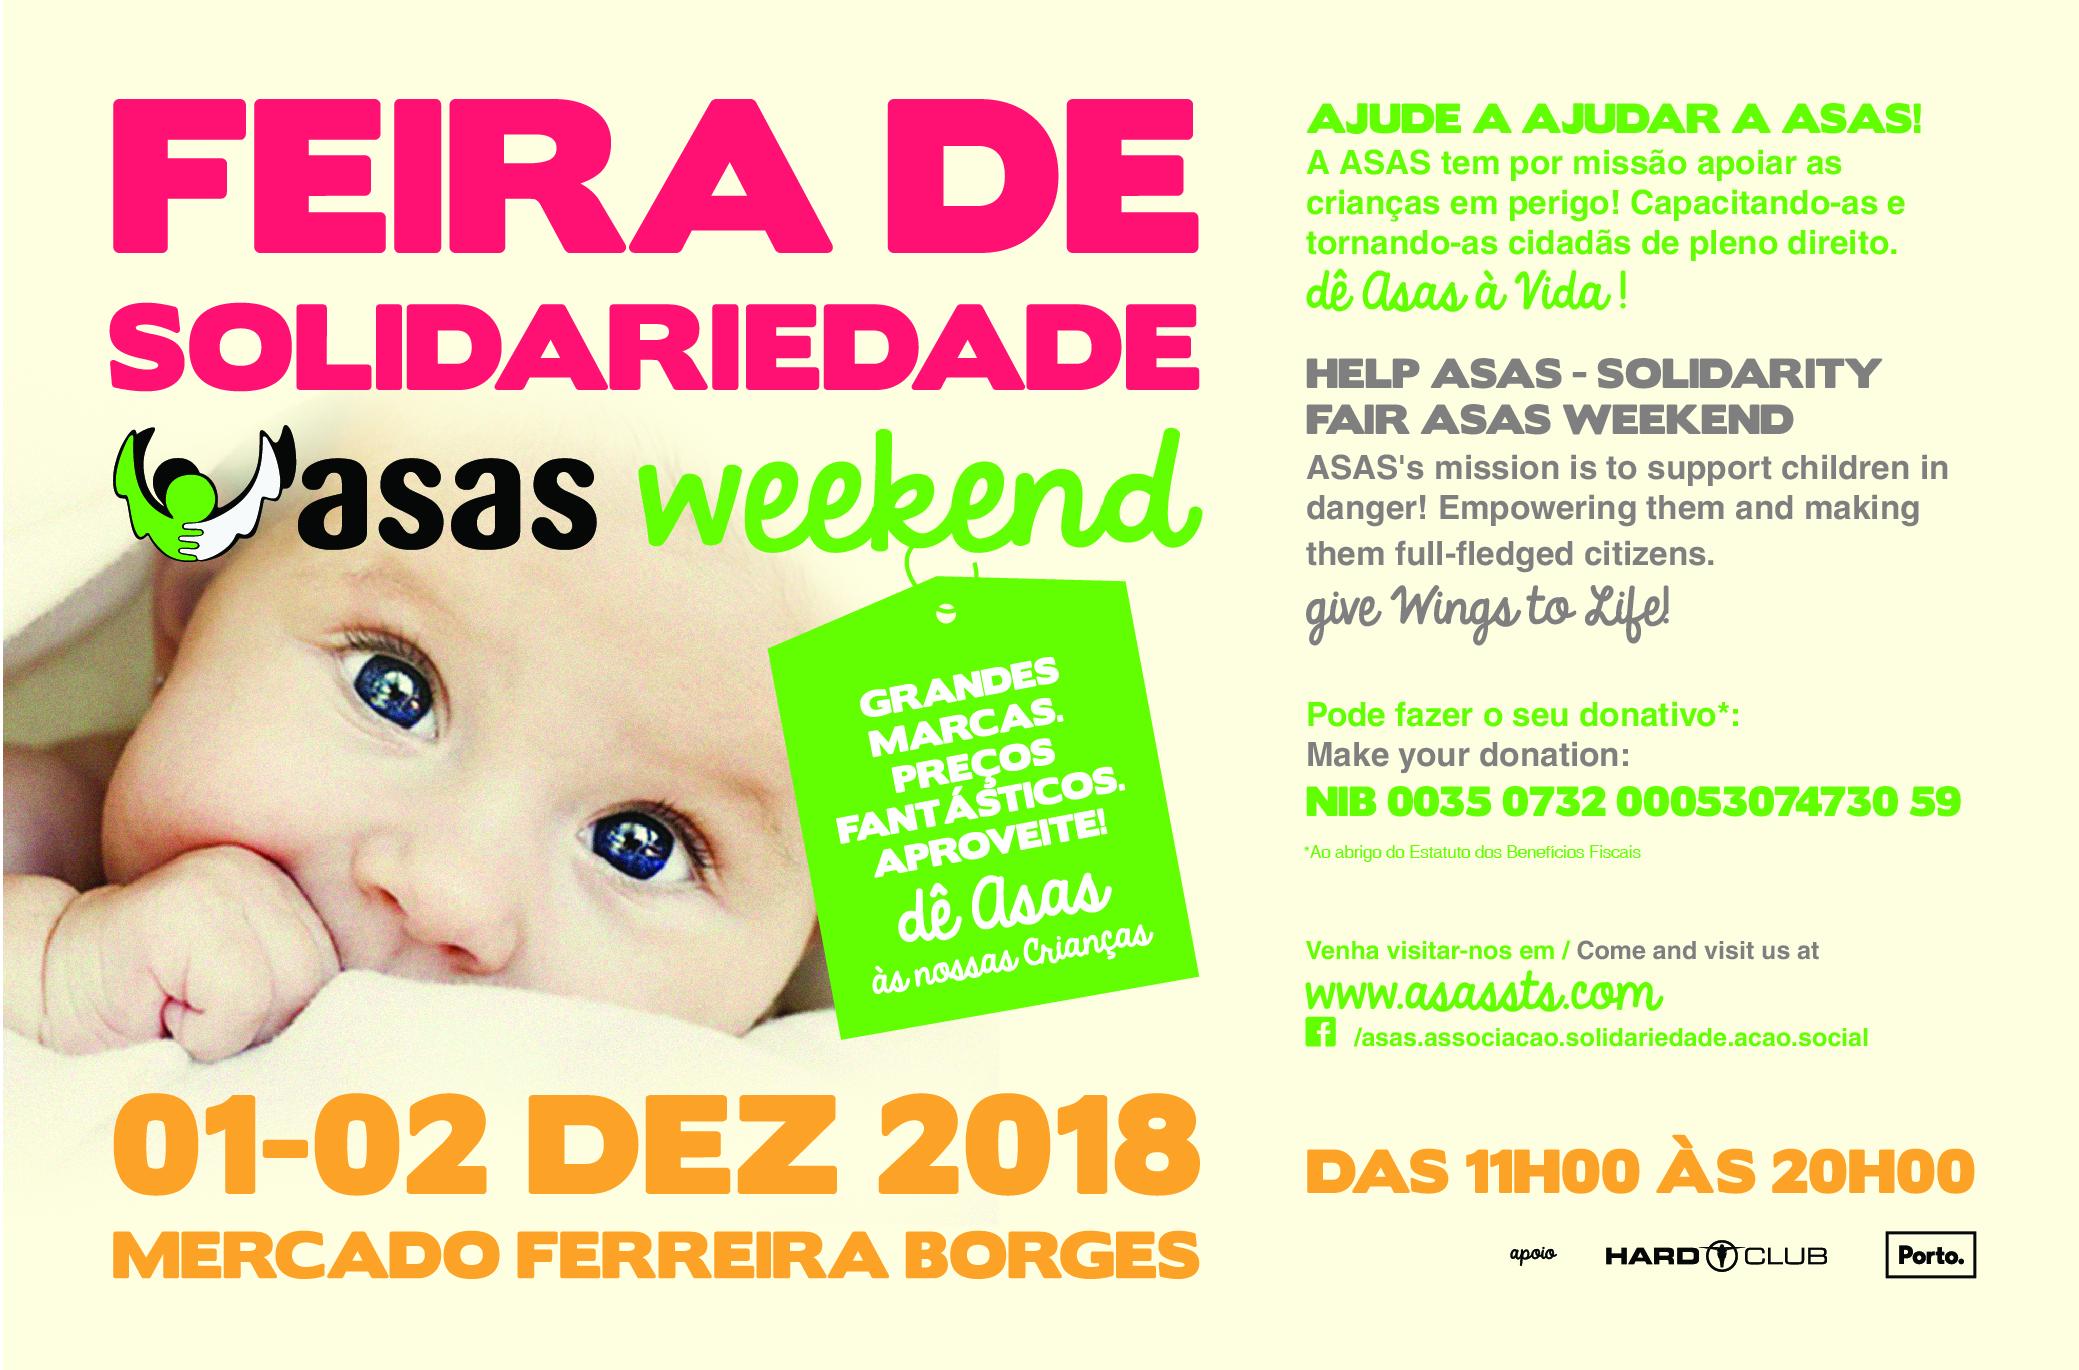 Feira de Solidariedade ASAS WEEKEND :: Mercado Ferreira Borges